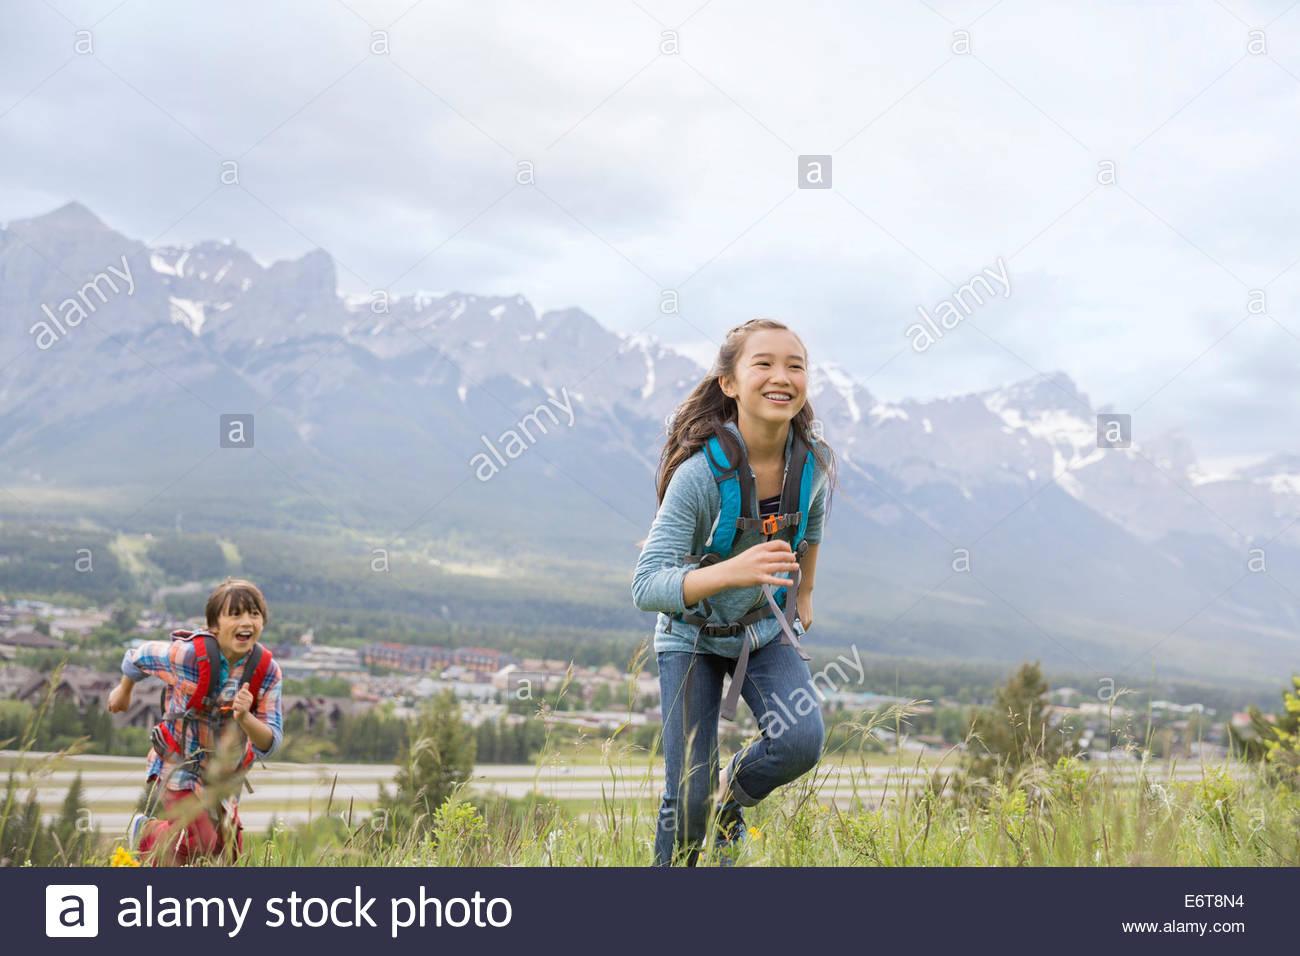 Children hiking on rural hillside - Stock Image